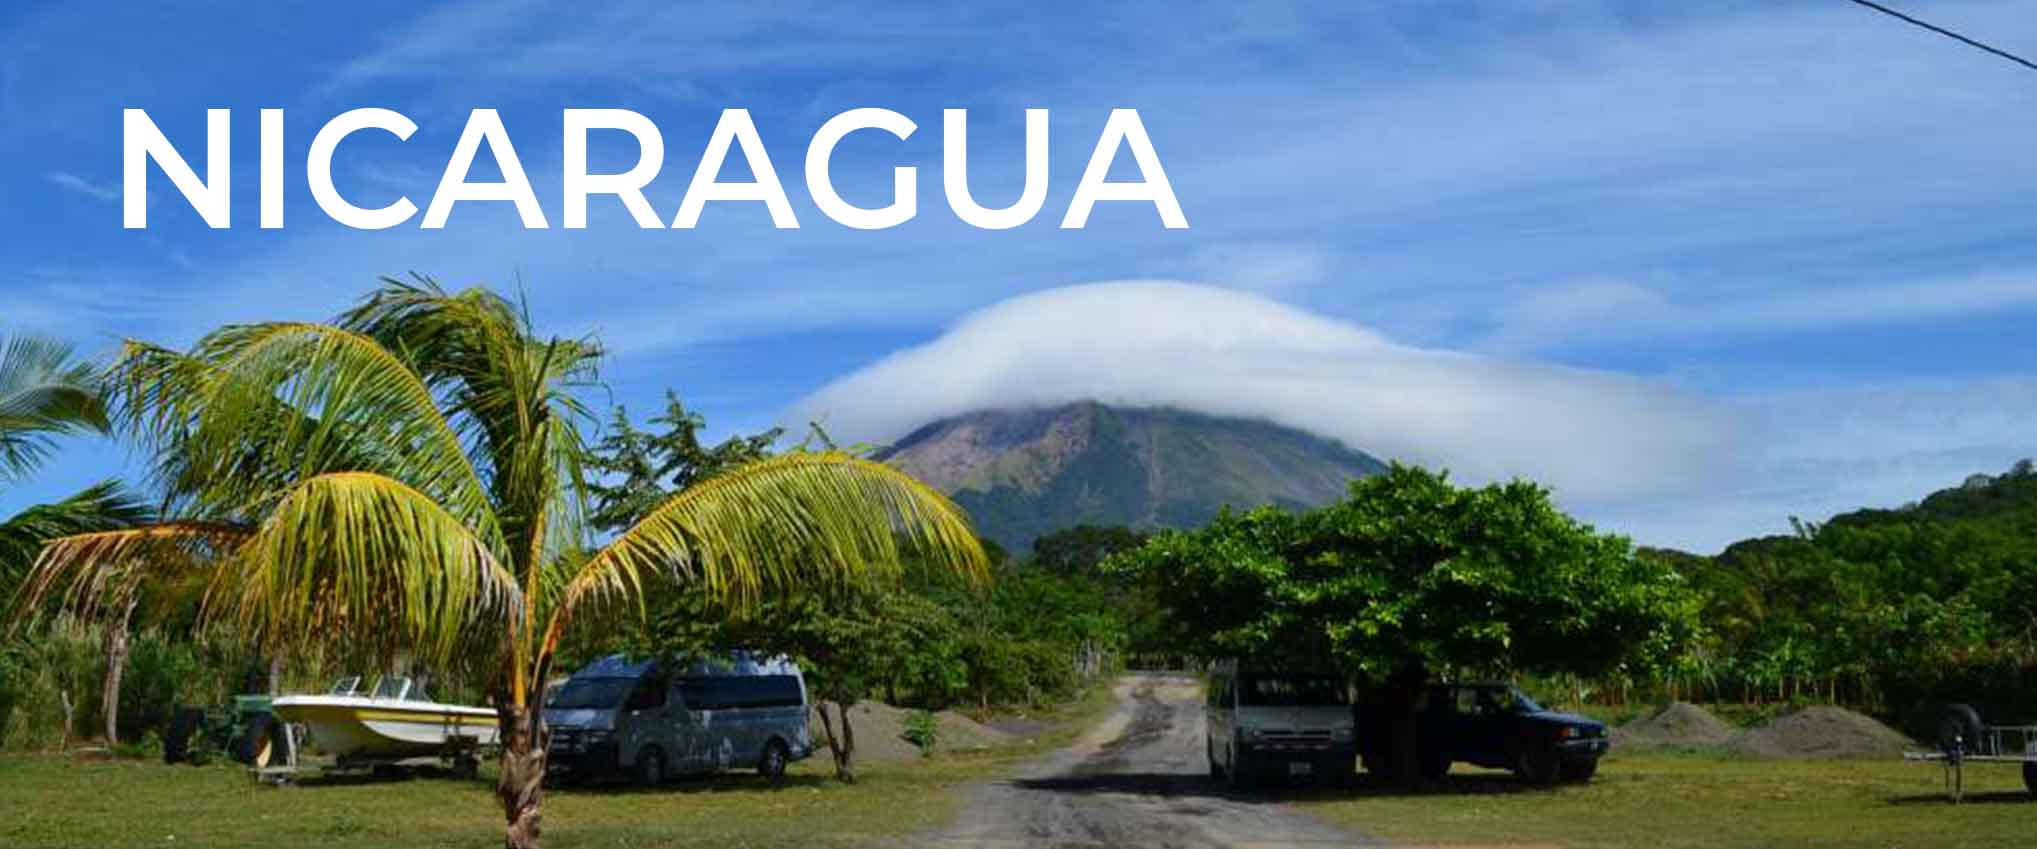 Nicaragua-page-banner